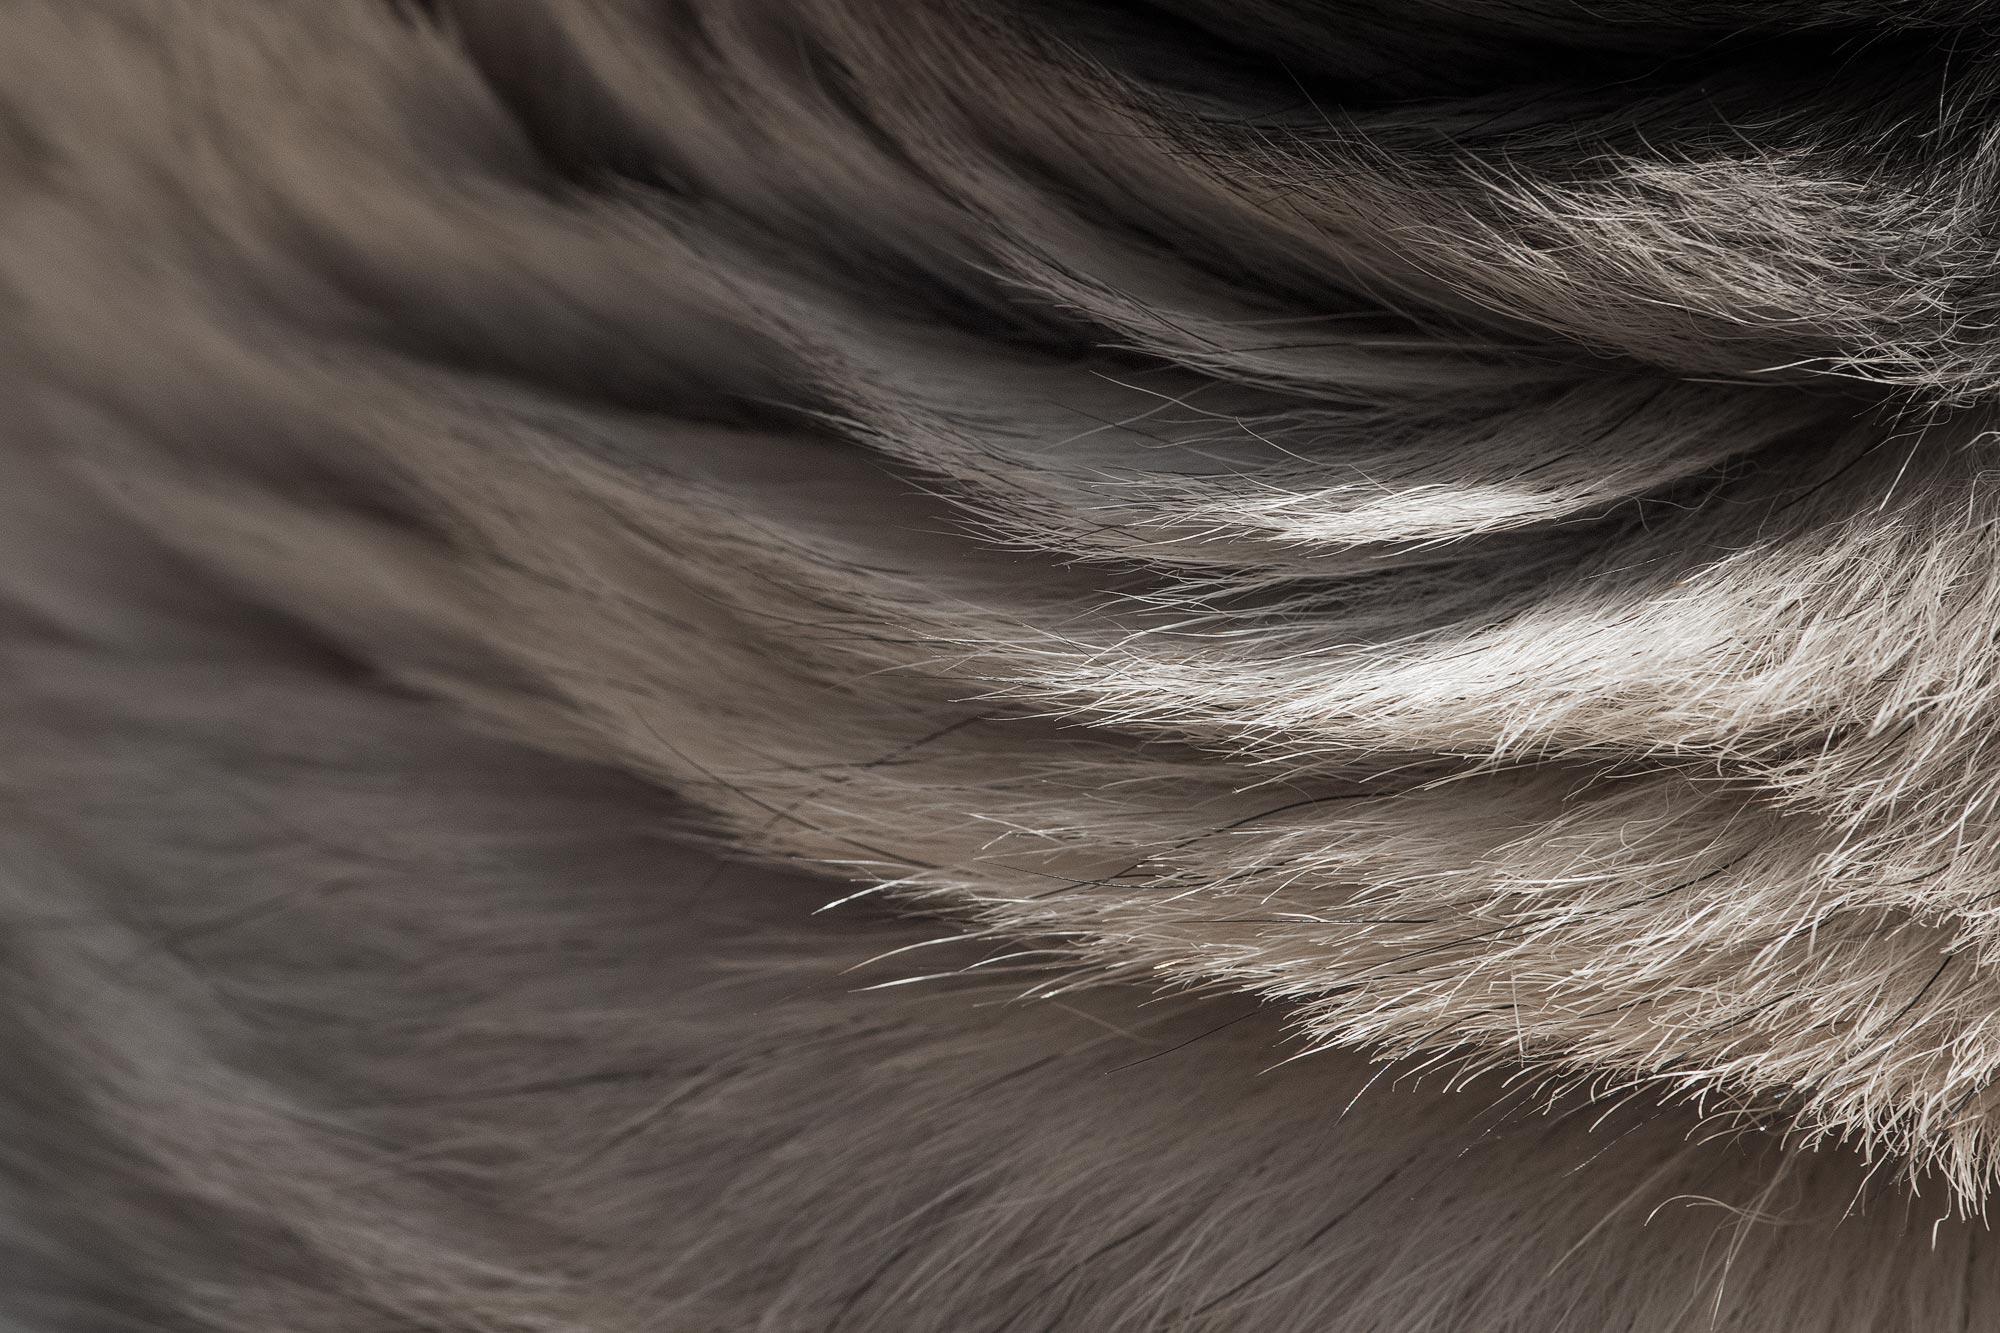 pelo de perro carlino macro